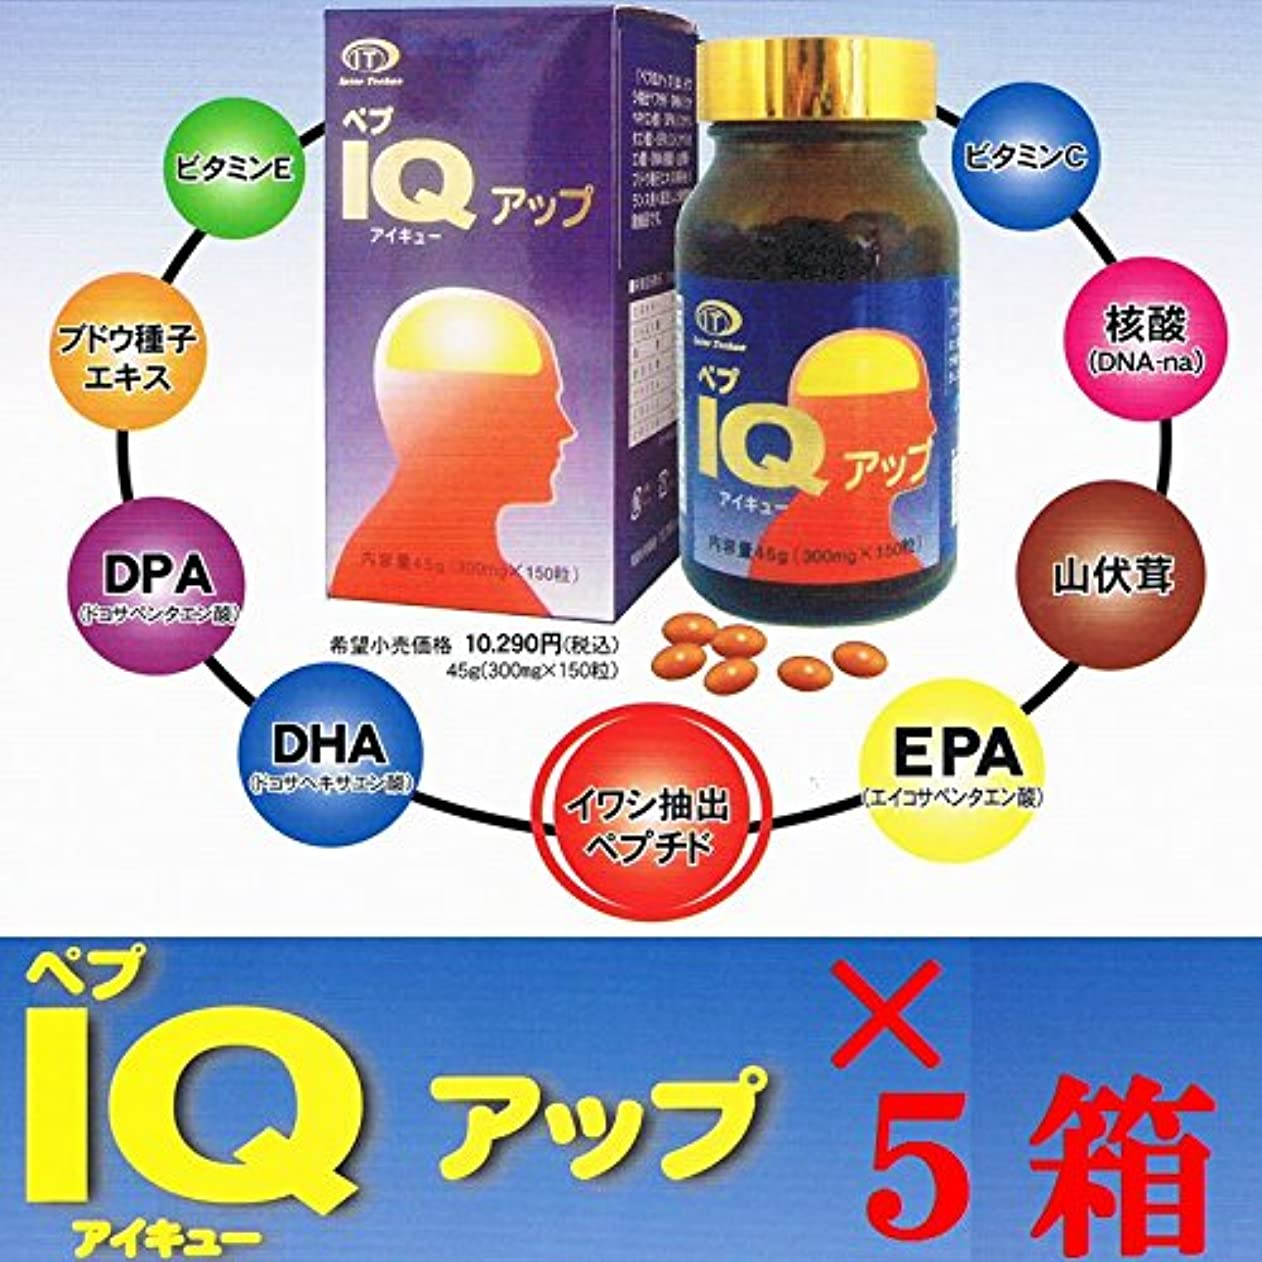 オペラジャングルごみペプIQアップ 150粒 ×超お得5箱セット 《記憶?思考、DHA、EPA》